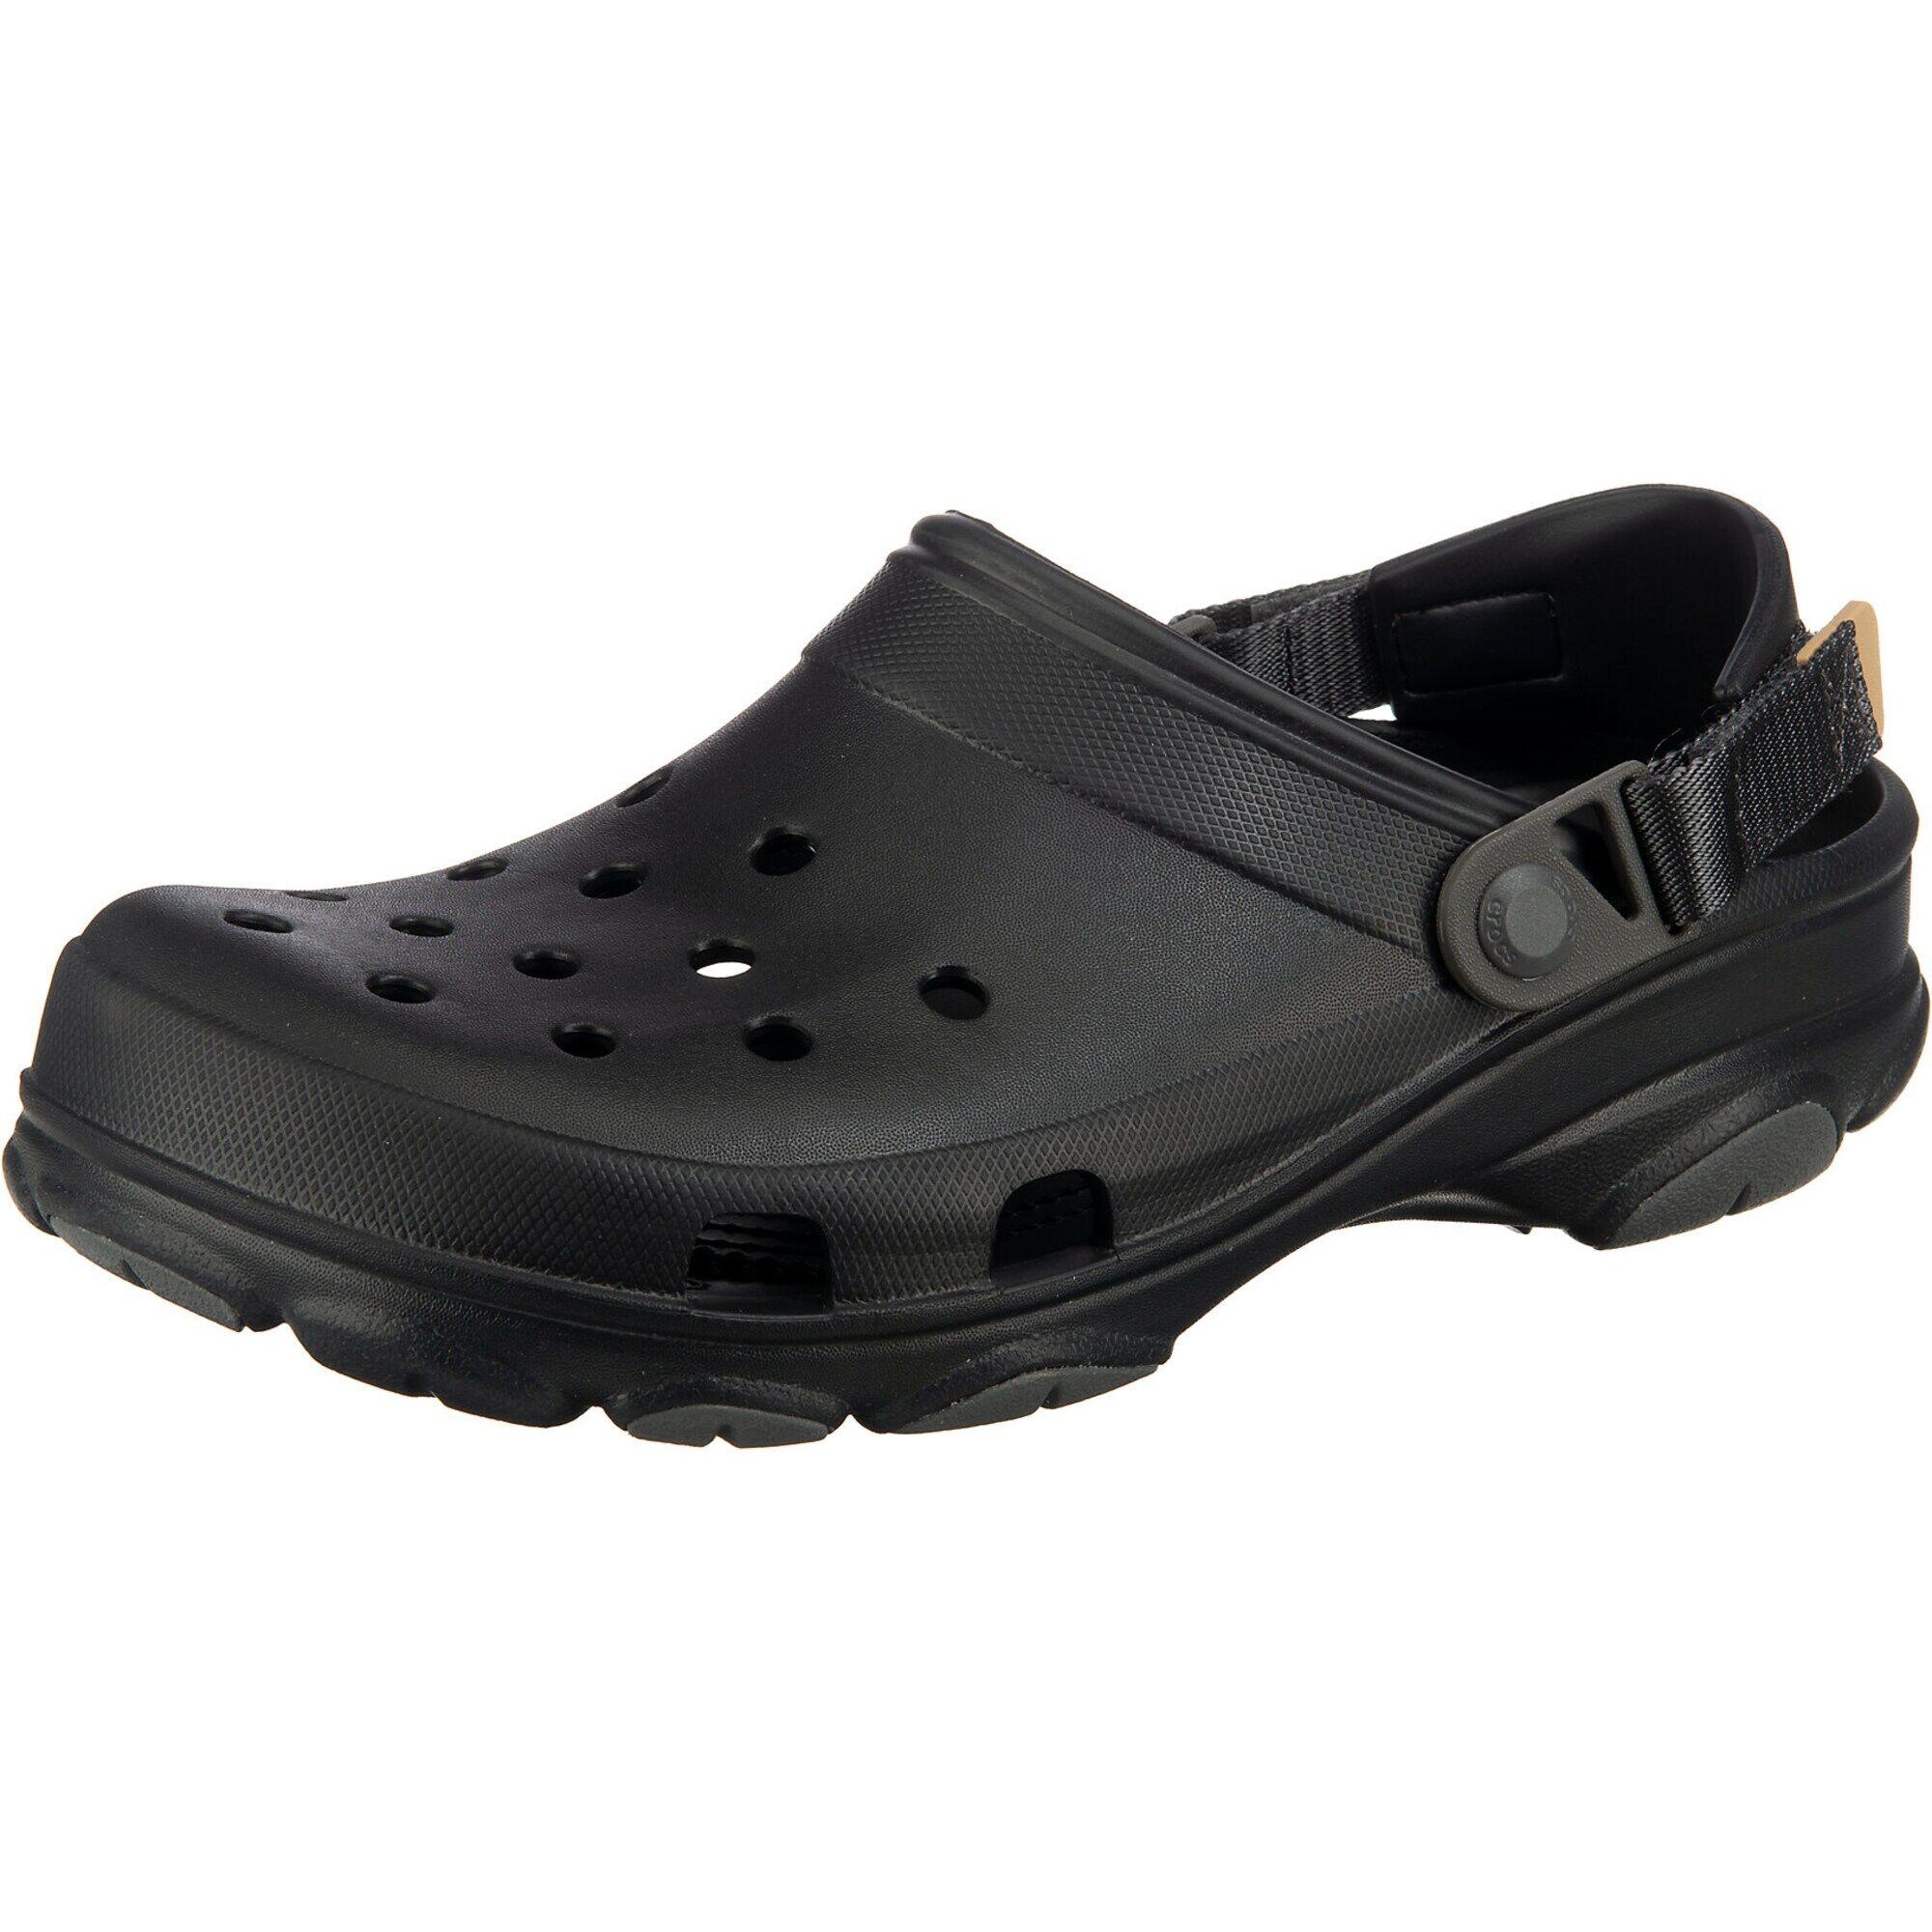 Crocs Sabots 'Classic'  - Noir - Taille: 42 - male